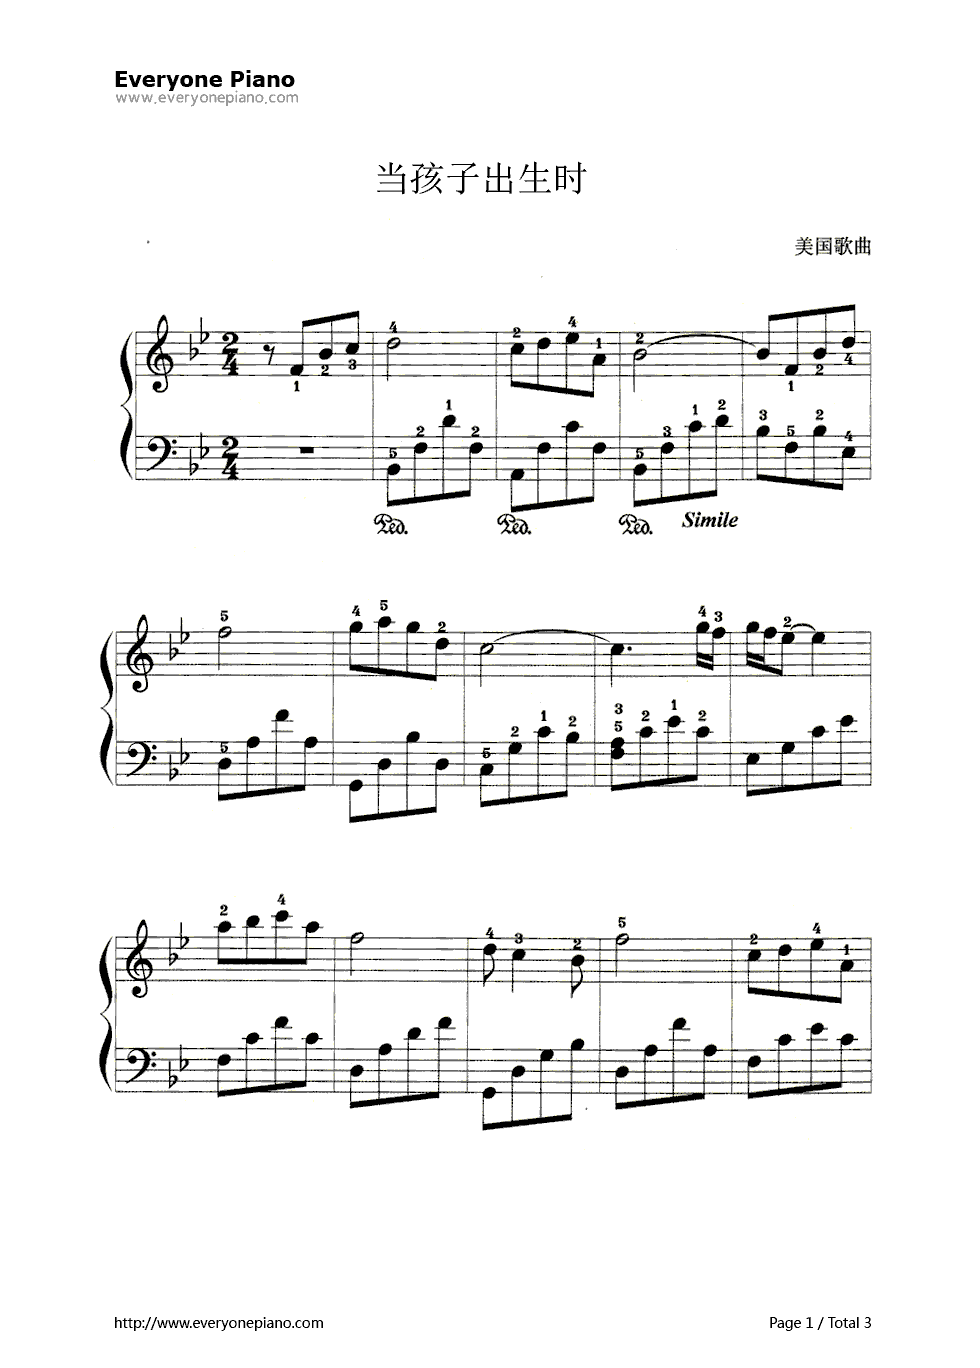 钢琴曲谱 练习曲 当孩子出生时 当孩子出生时五线谱预览1  }  仅供